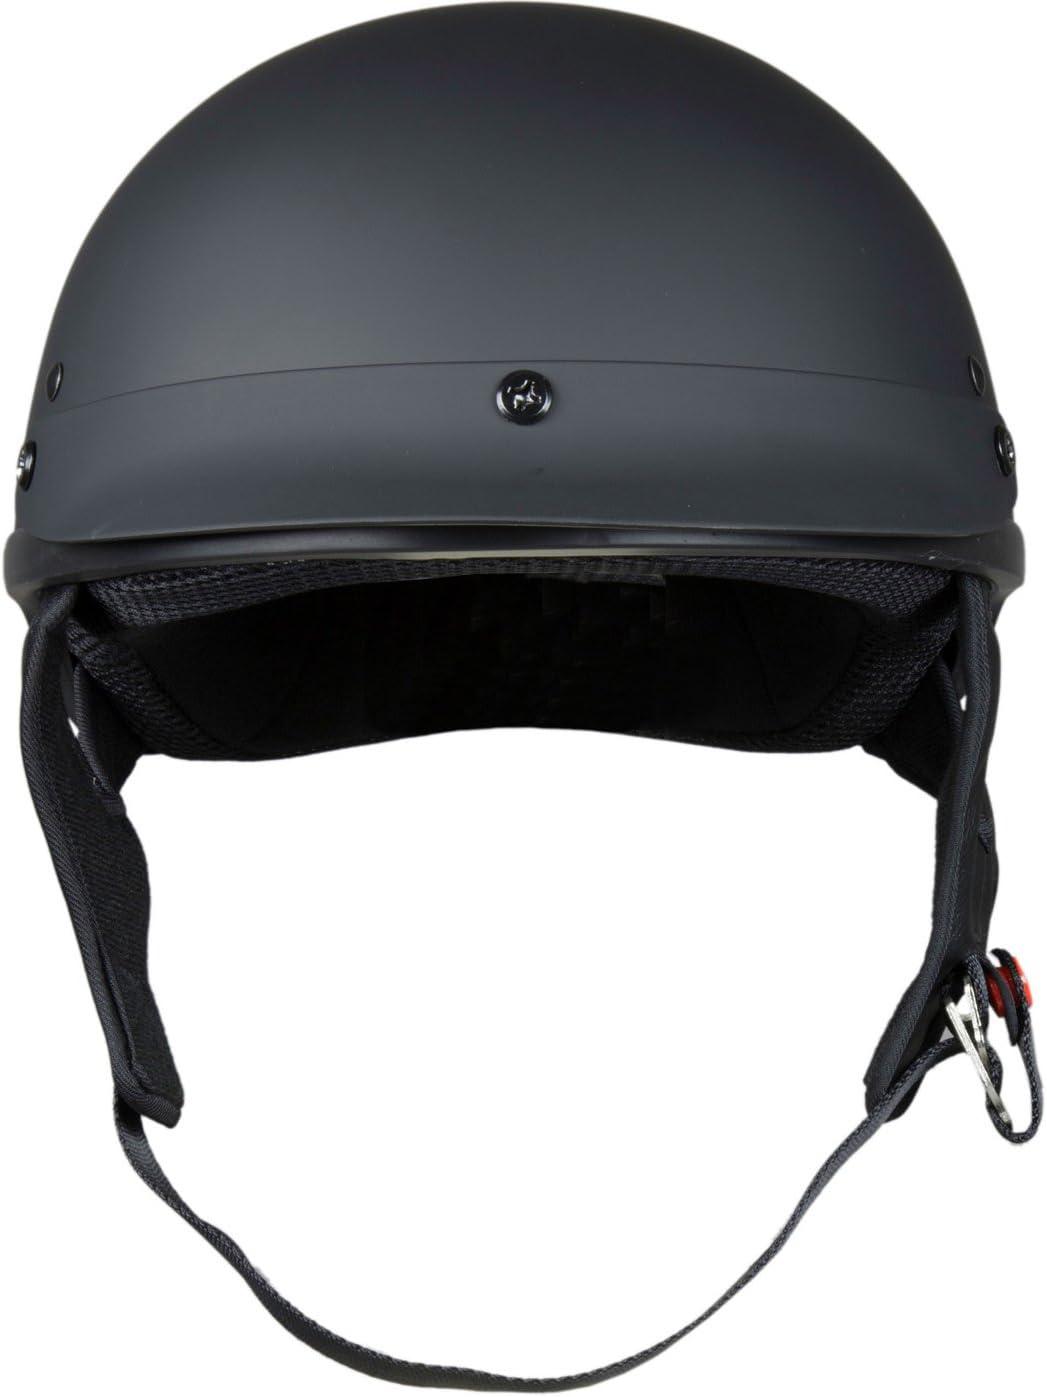 Gloss Black, X-Large Raider Unisex-Adult Motorcycle Half Helmet